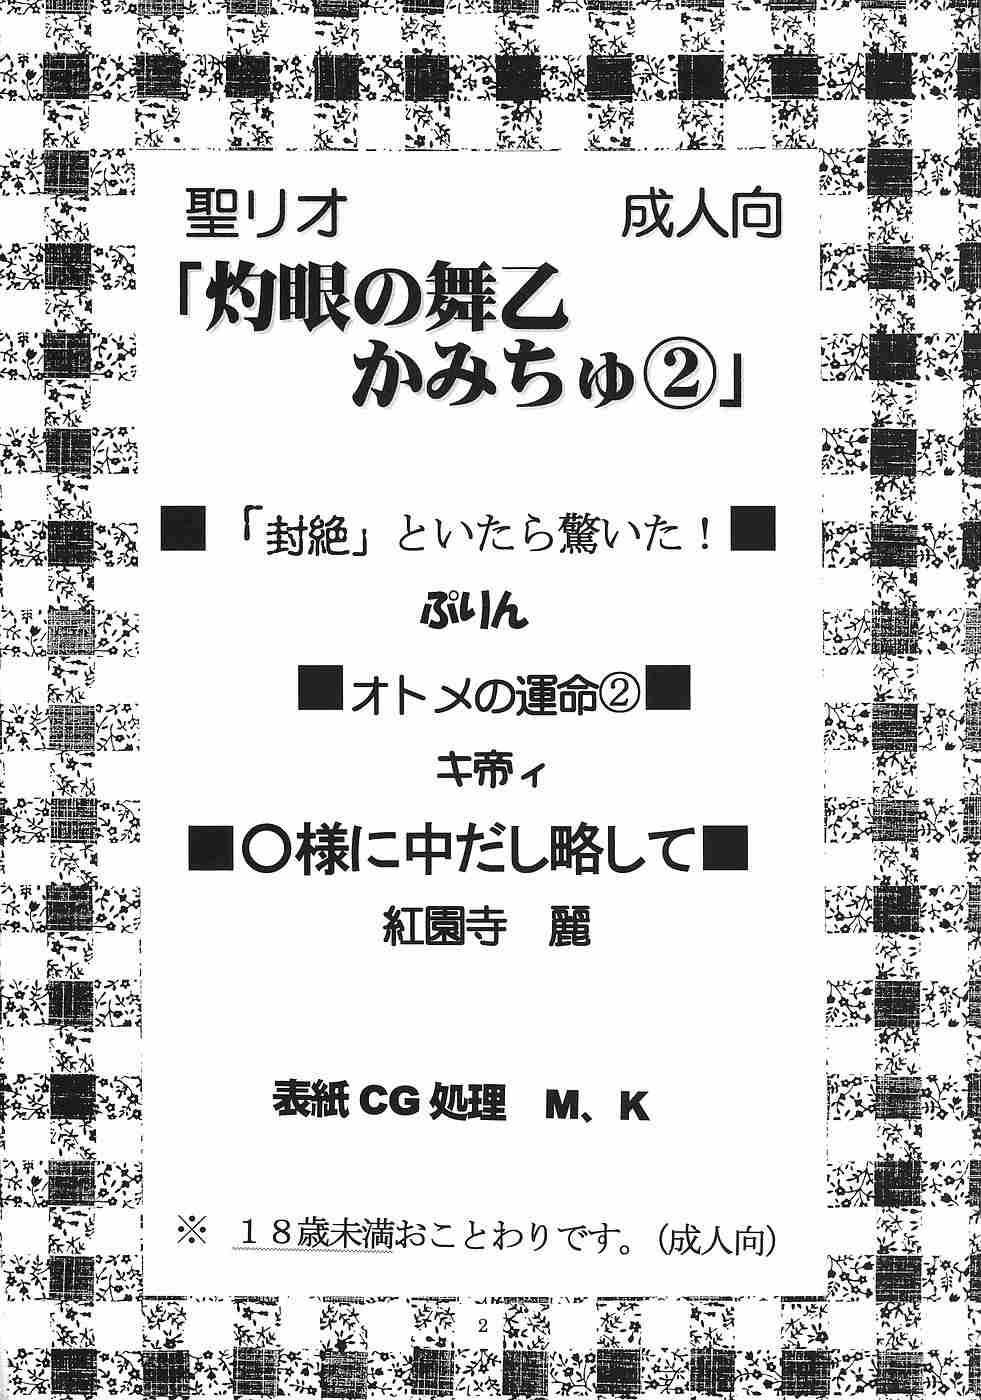 Shakume No Mai Otsukamichu 2 2